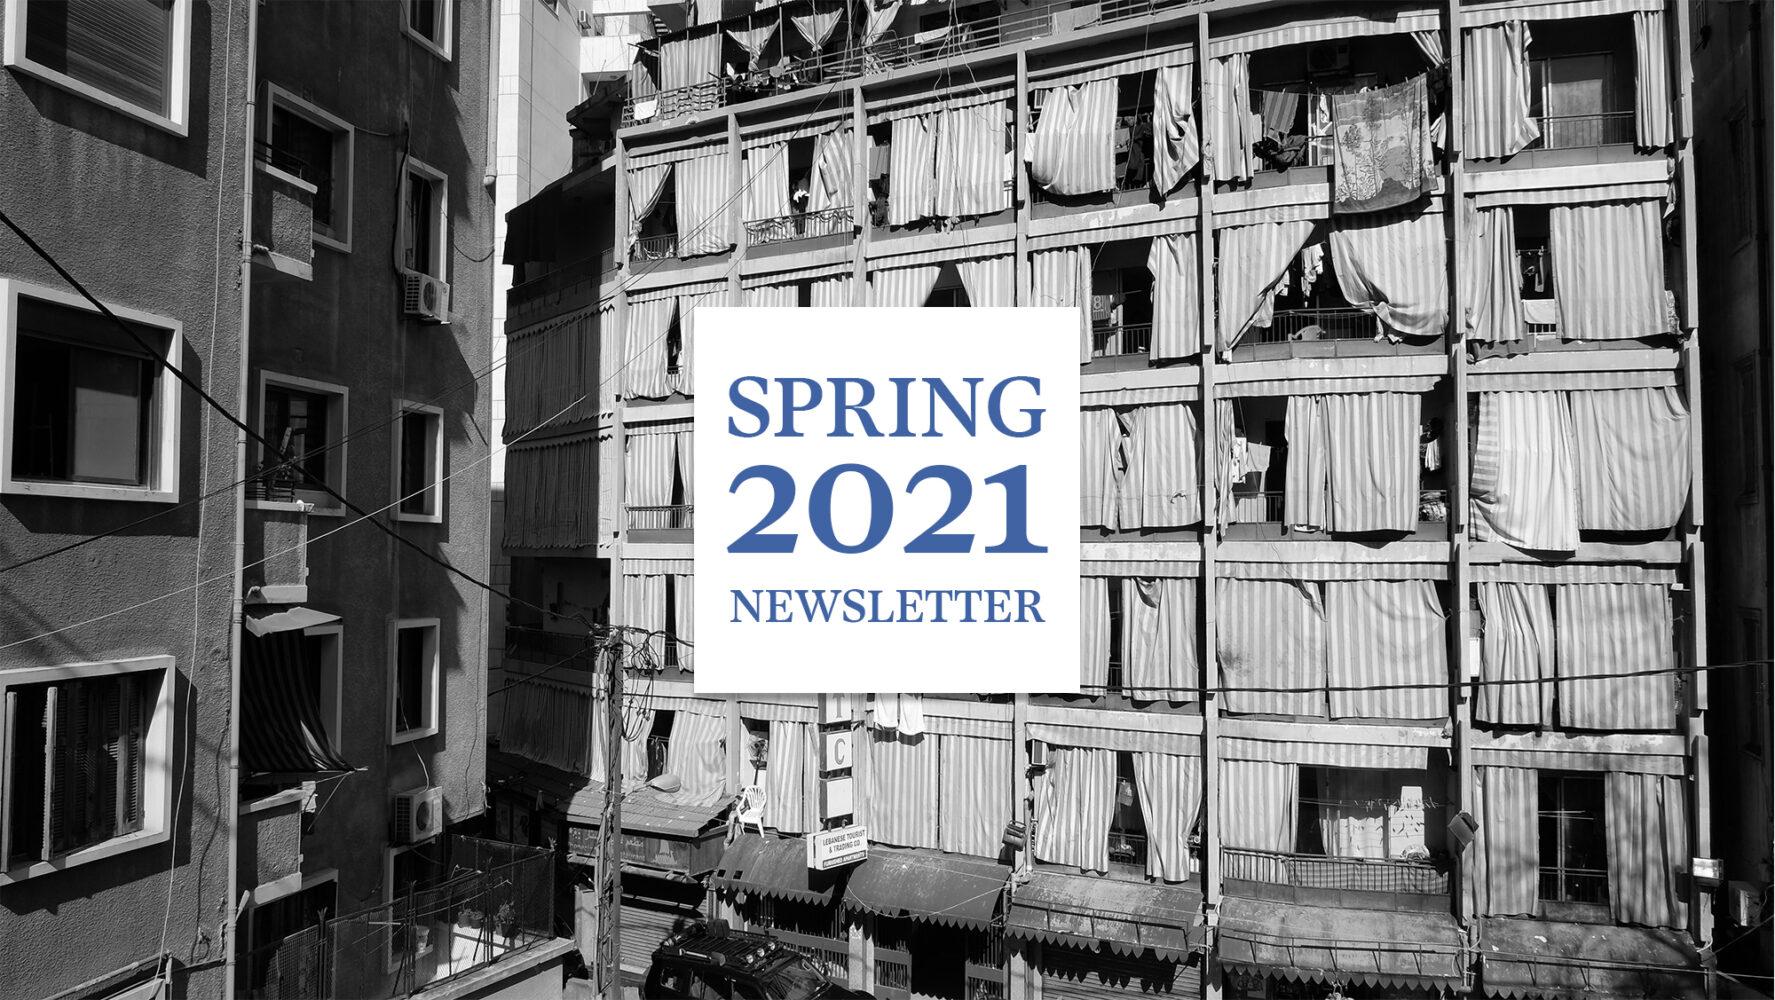 Spring 2021 Newsletter: Forward